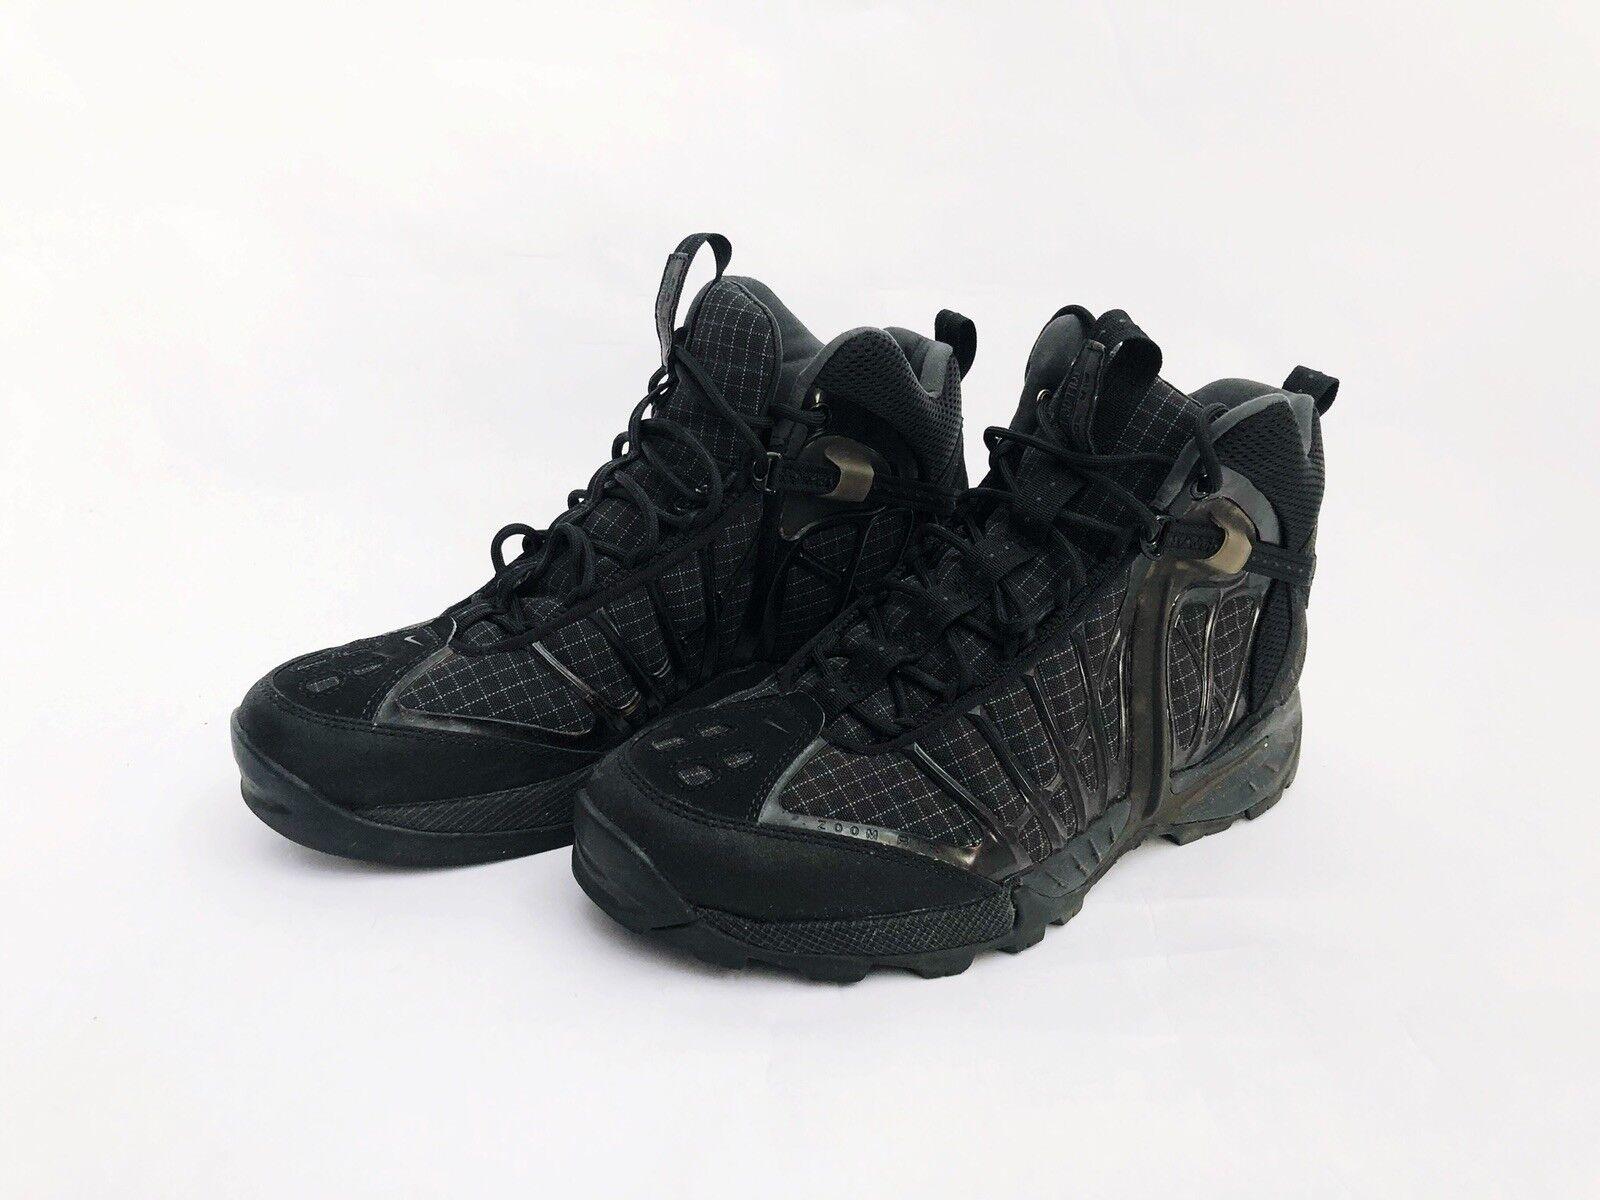 2016 nike air zoom sizec lite OG OG OG boots mens size 9 w  box  190 MSRP shoes ACG 3afe22